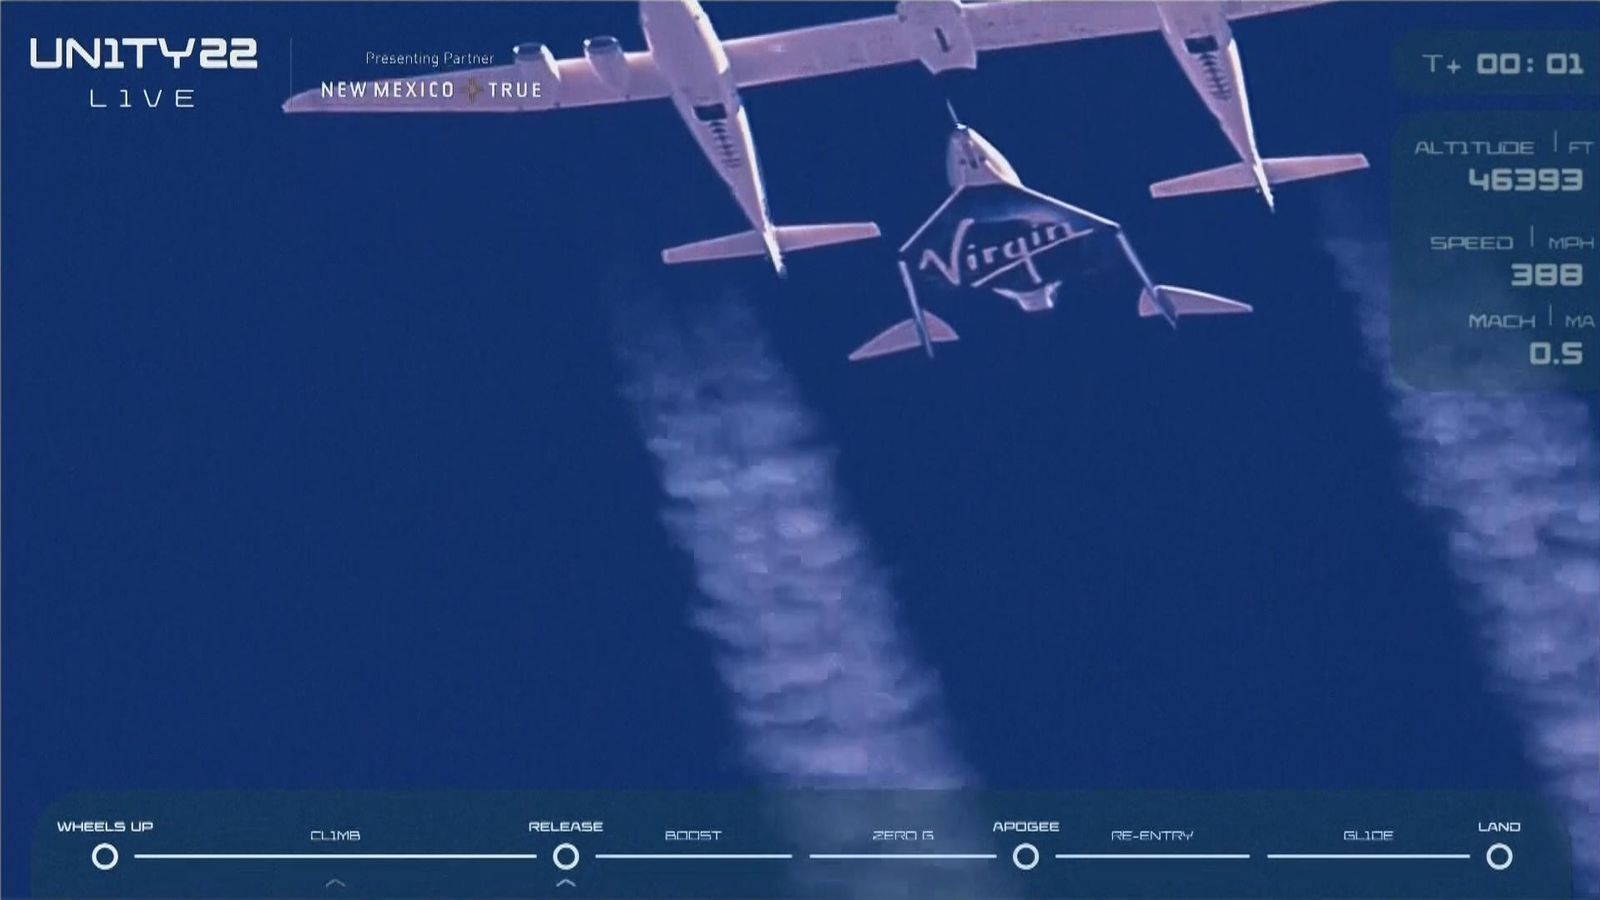 skynews-us-virgin-galatic-unity-22.jpg